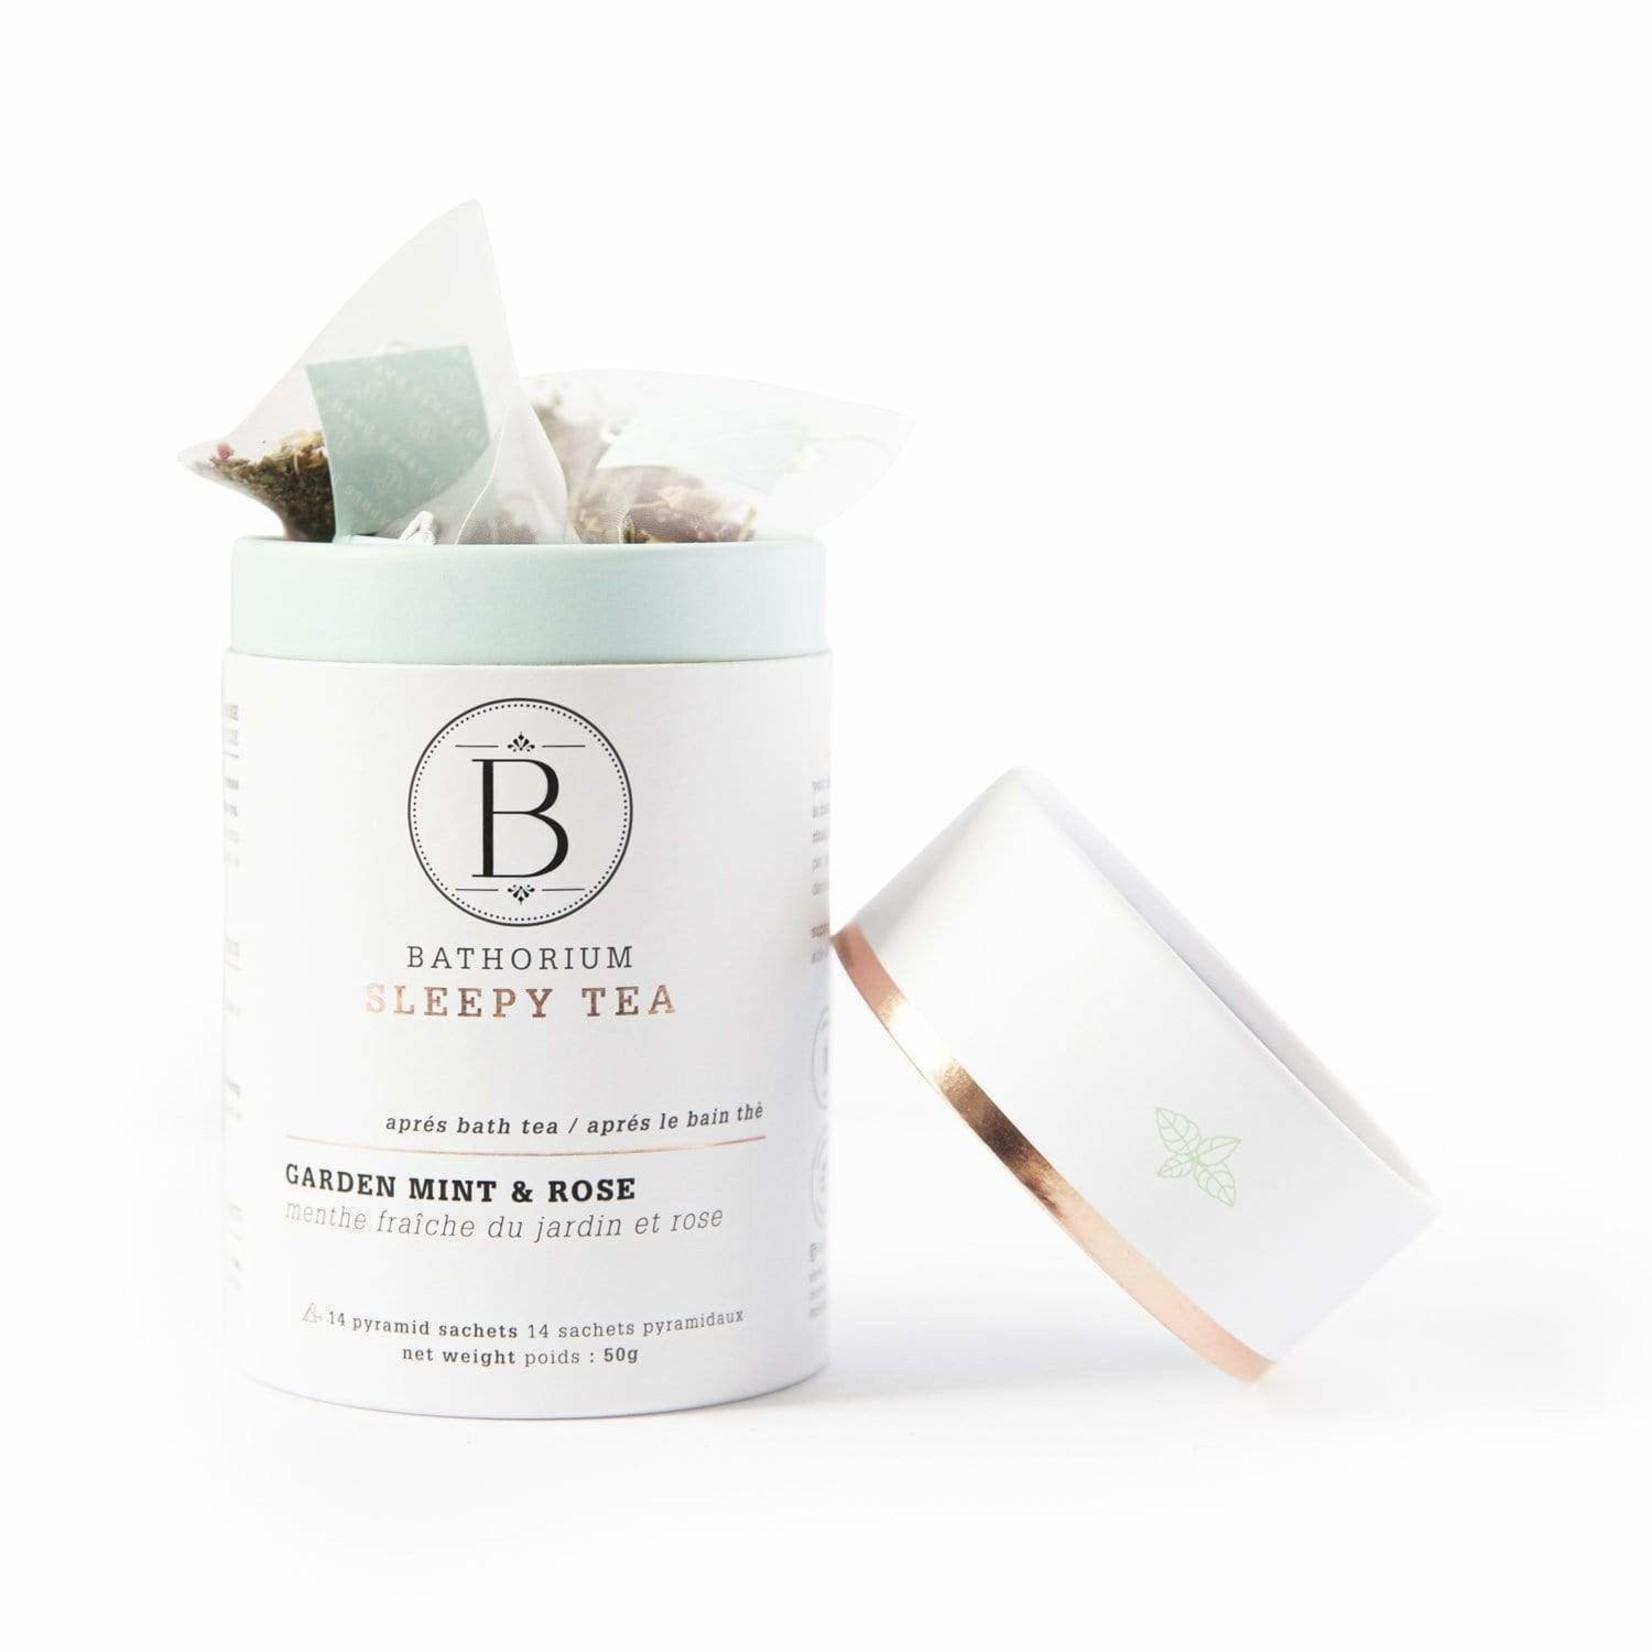 BATHORIUM APRES BATH TEA - GARDEN MINT + ROSE